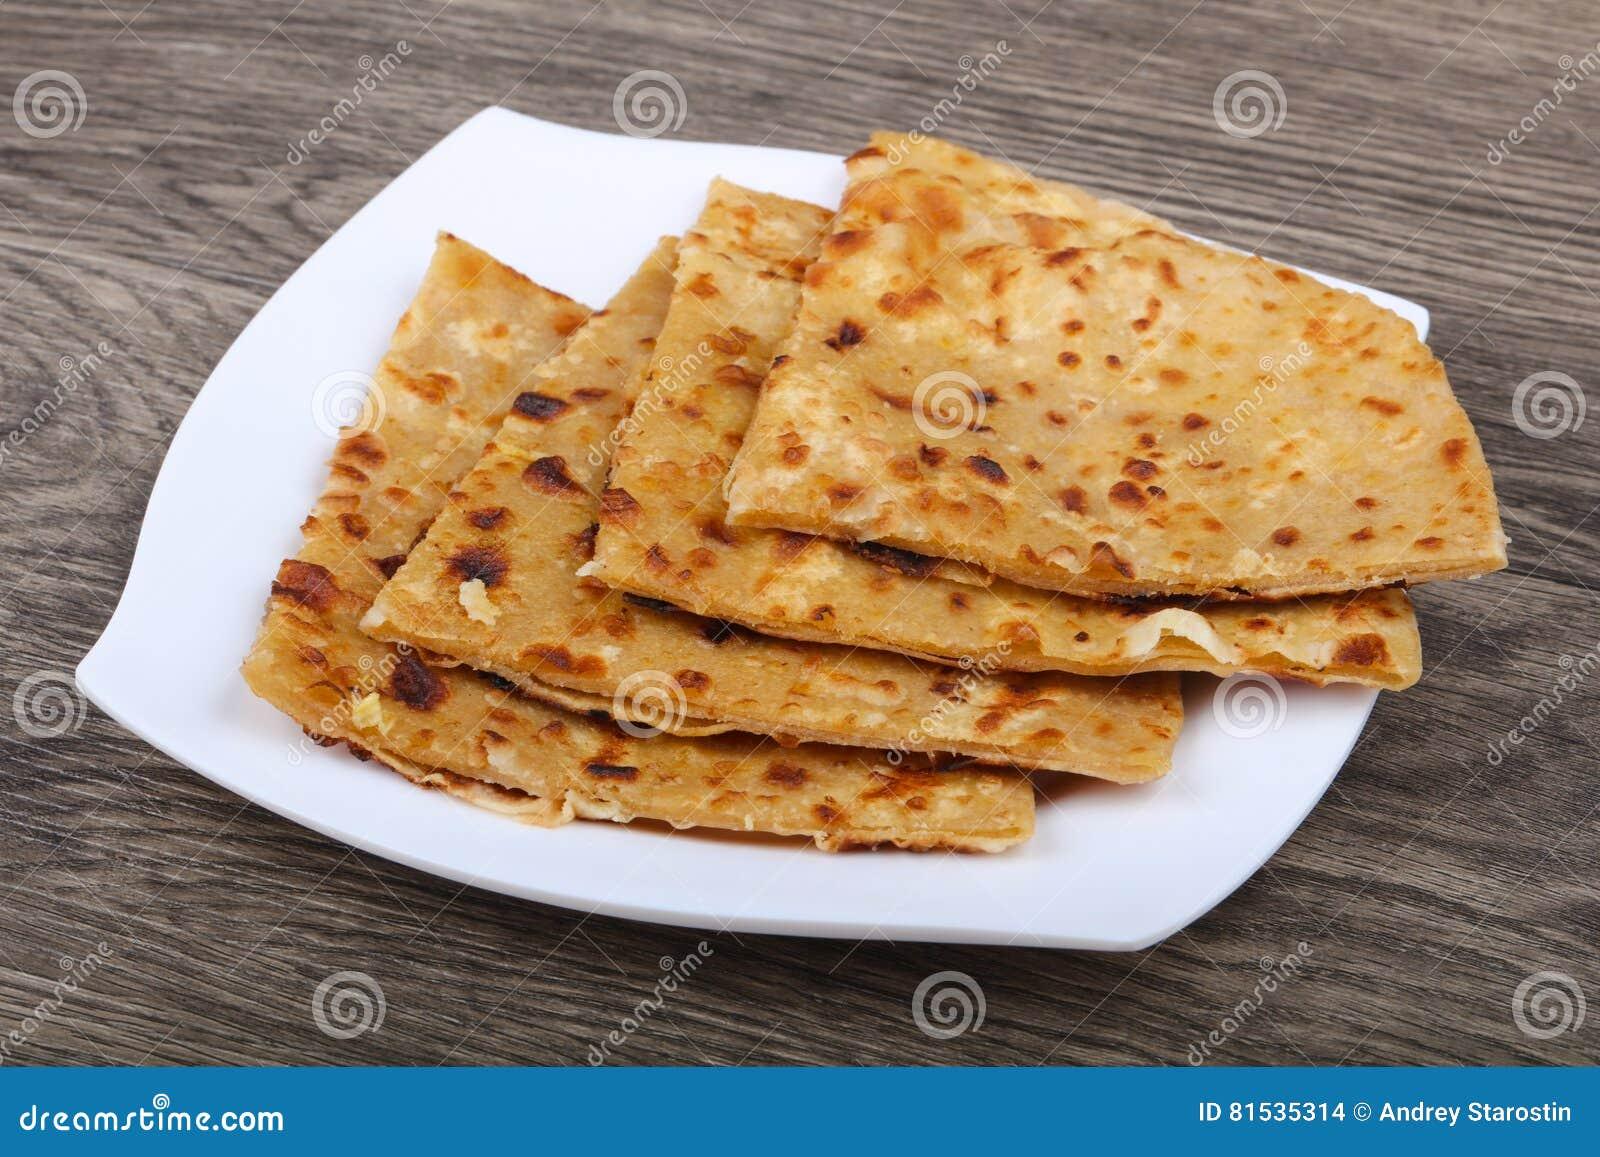 Indian bread roti